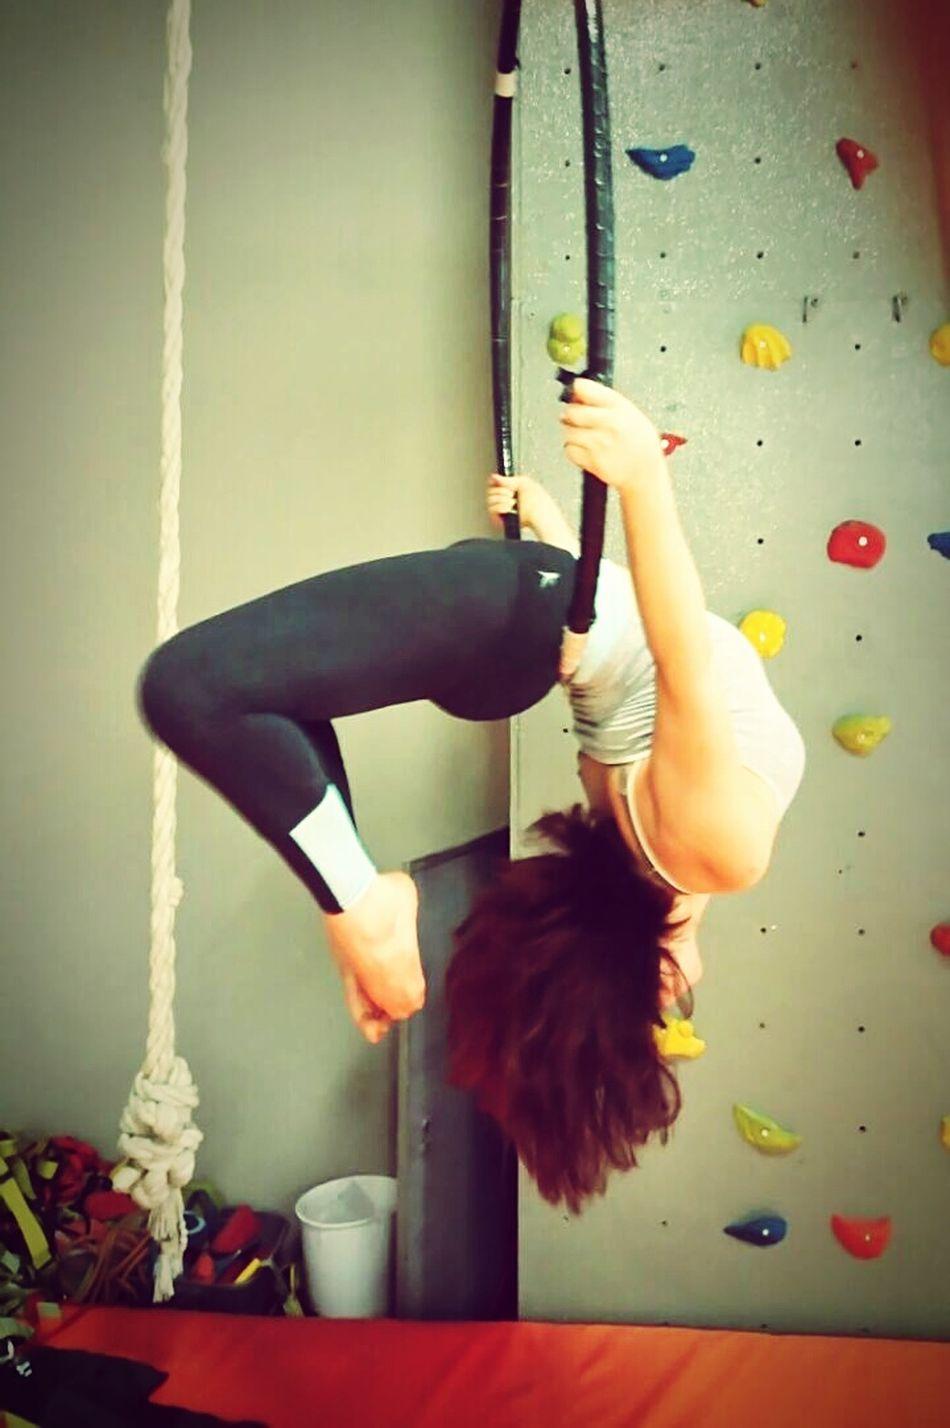 Fitnessmotivation Danza Aerea Danzaaerea Flexible